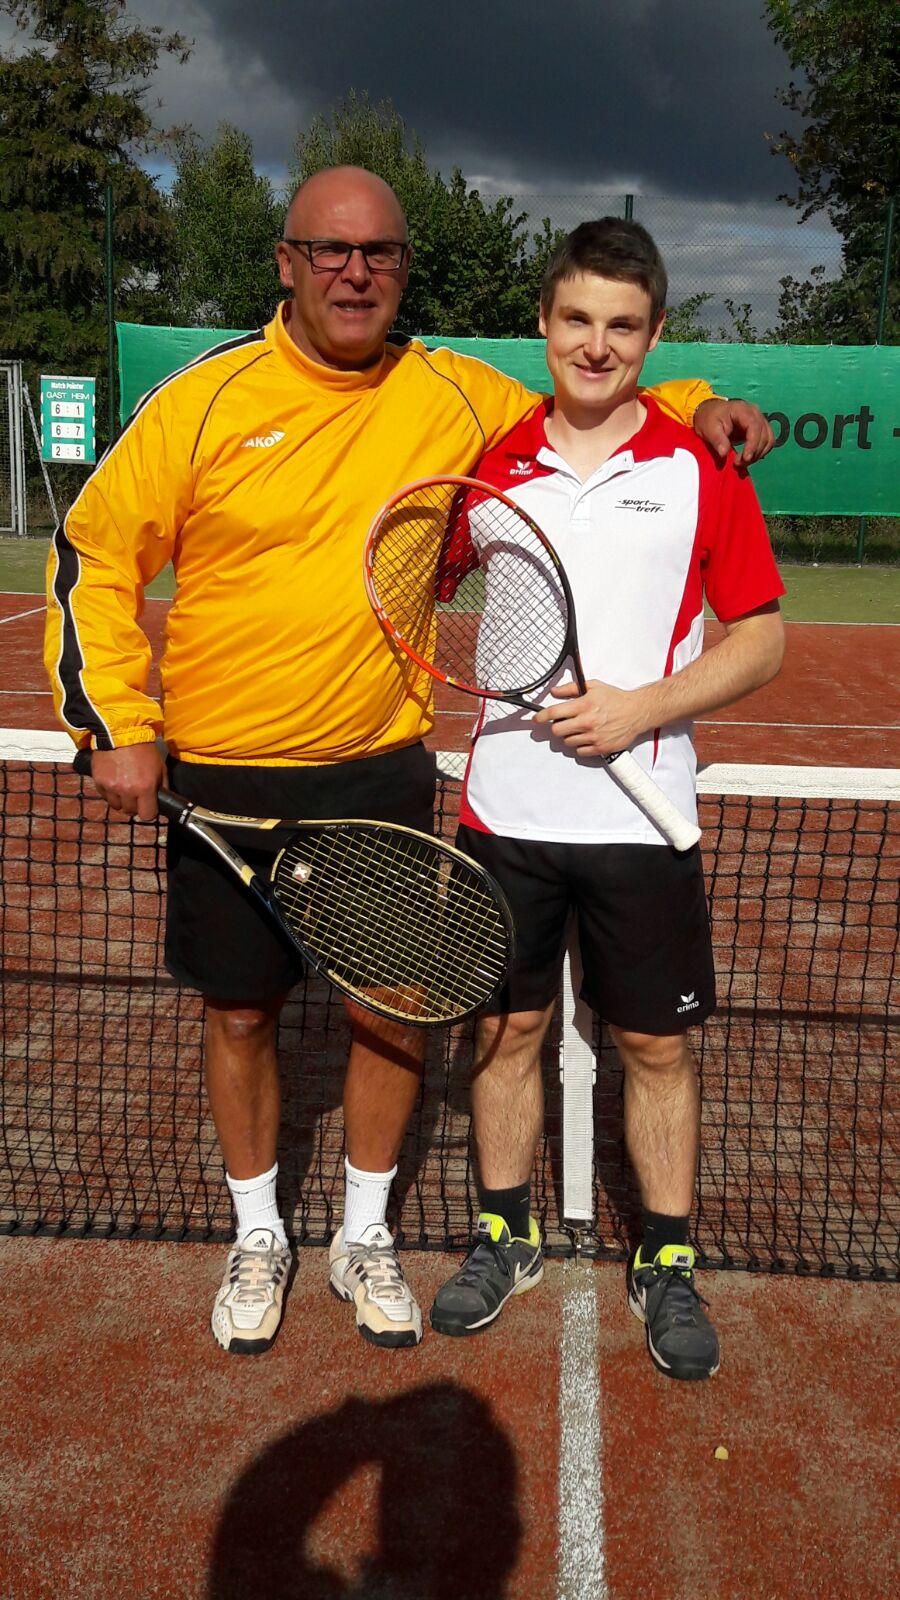 2. Platz Herren-Doppel: K.Schlein/C.Seidl